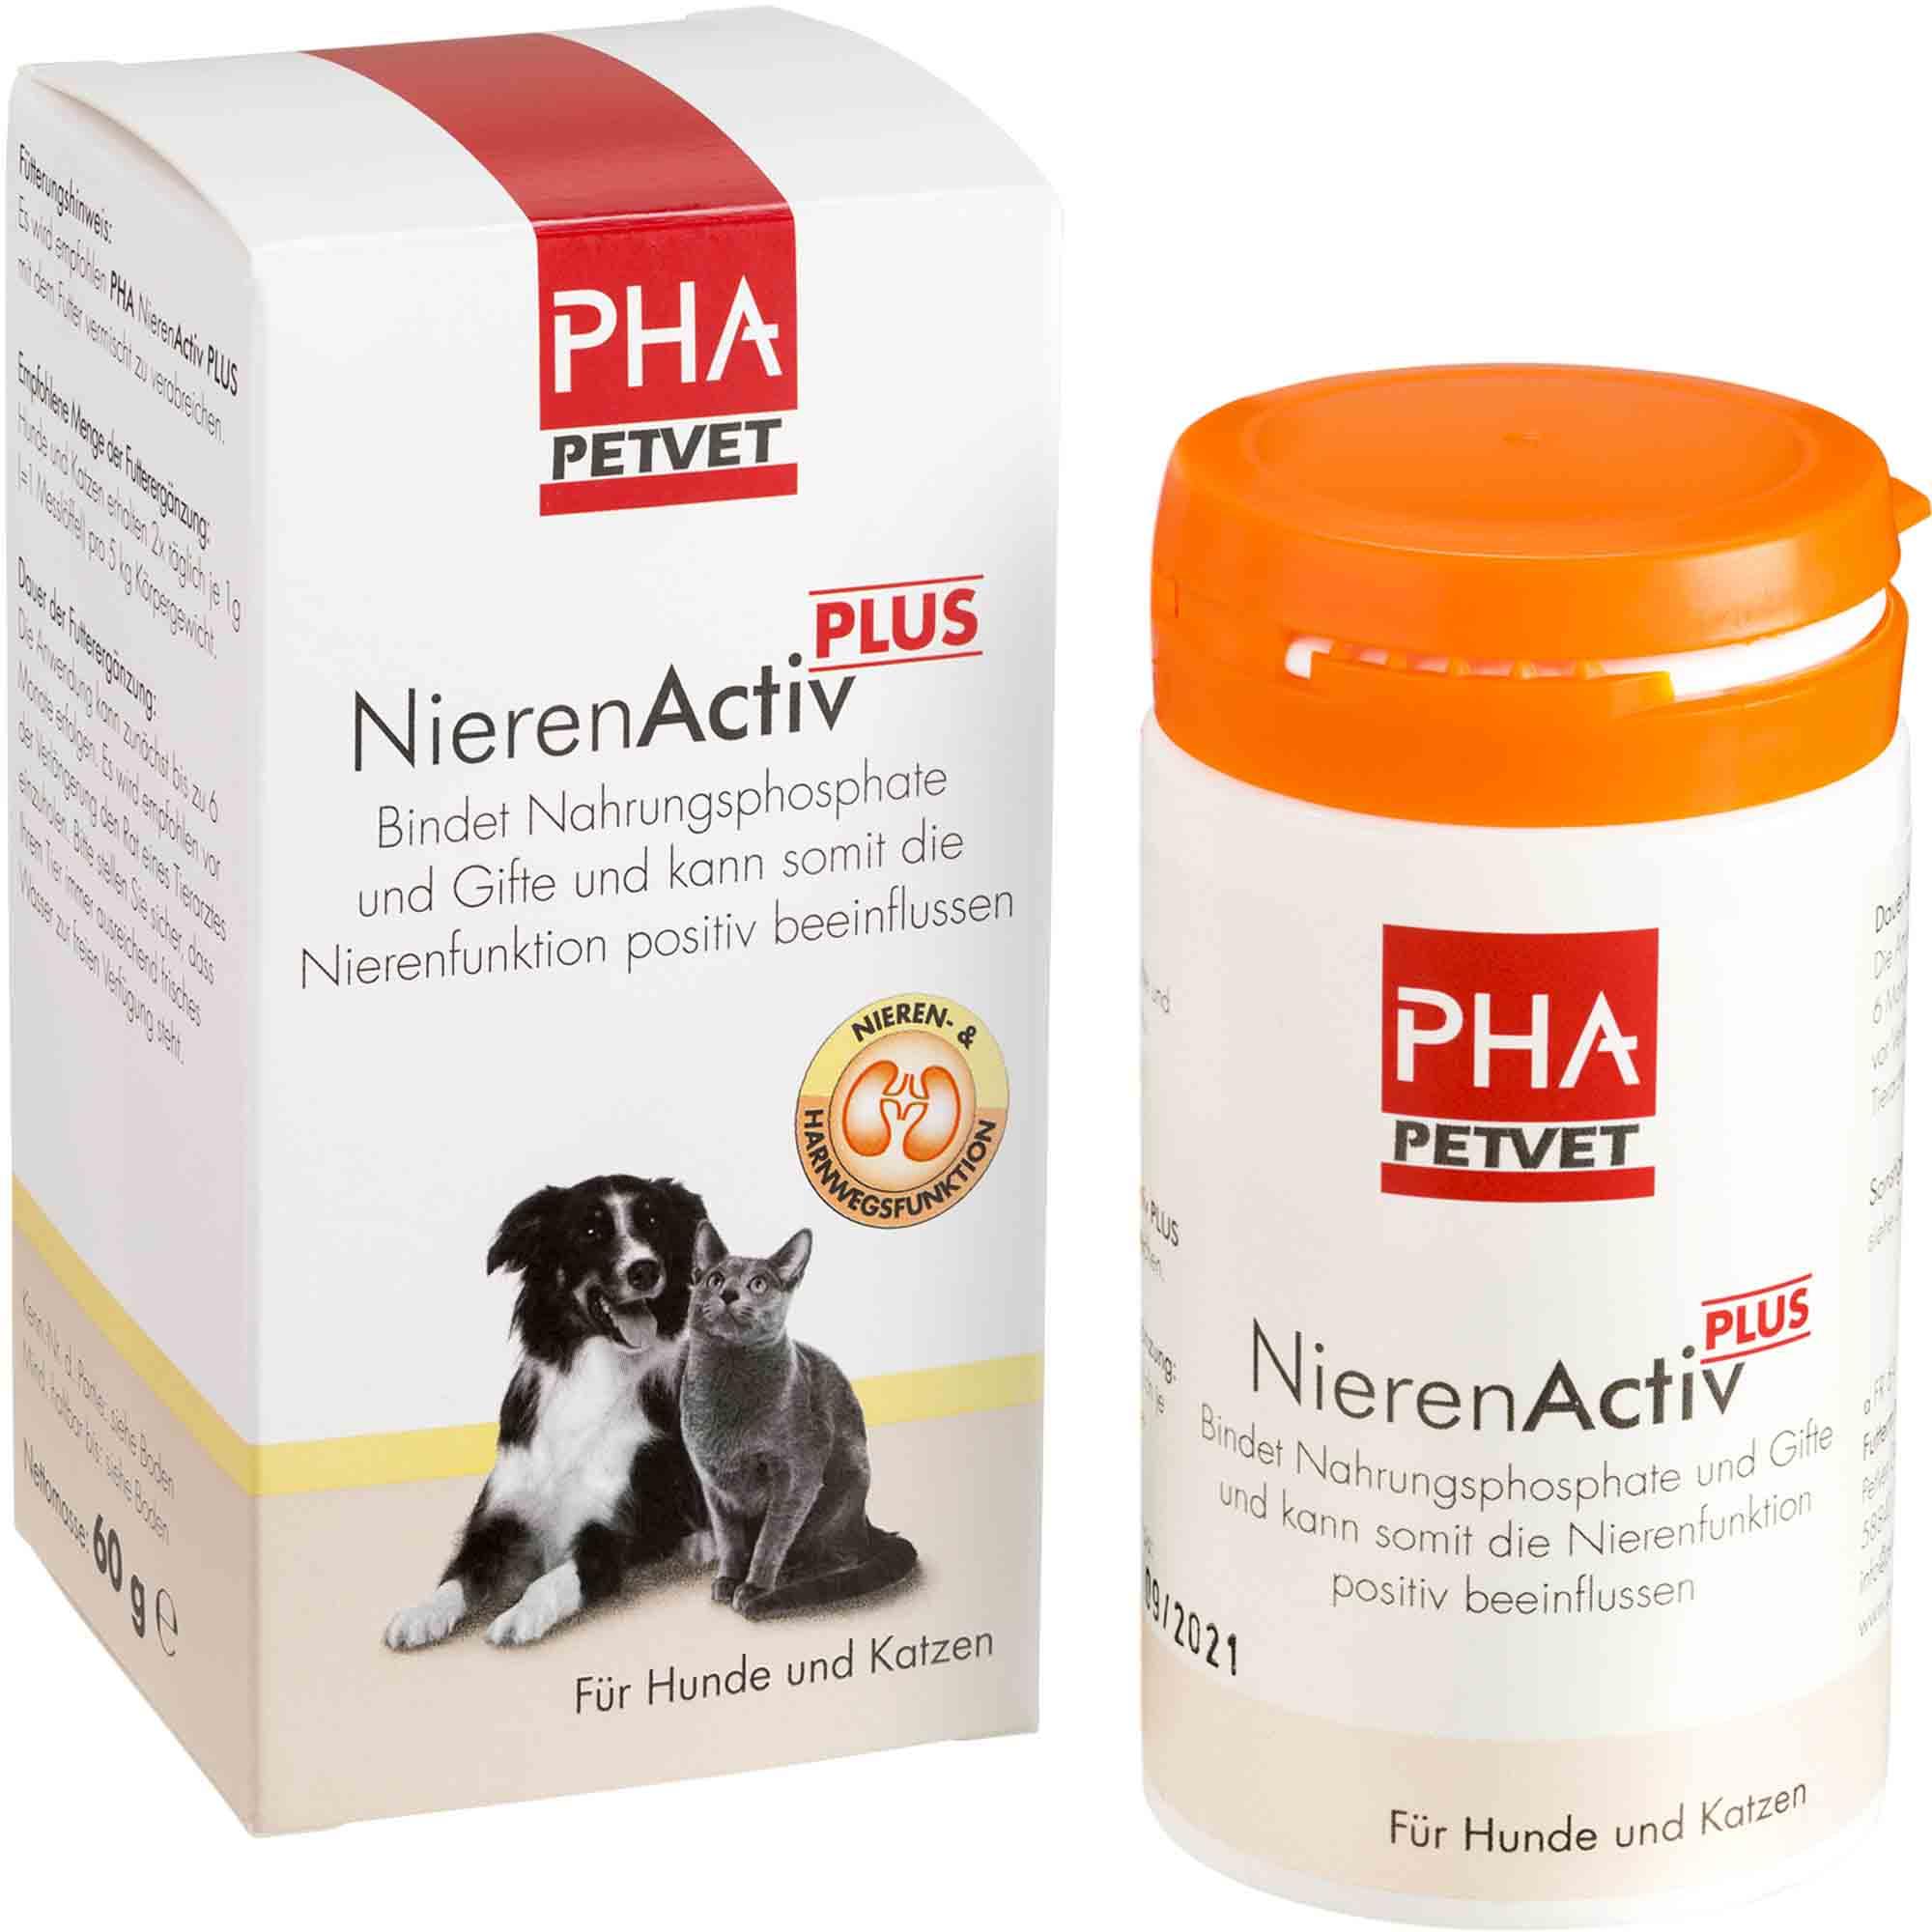 PHA NierenActiv Plus für Hunde und Katzen 60g